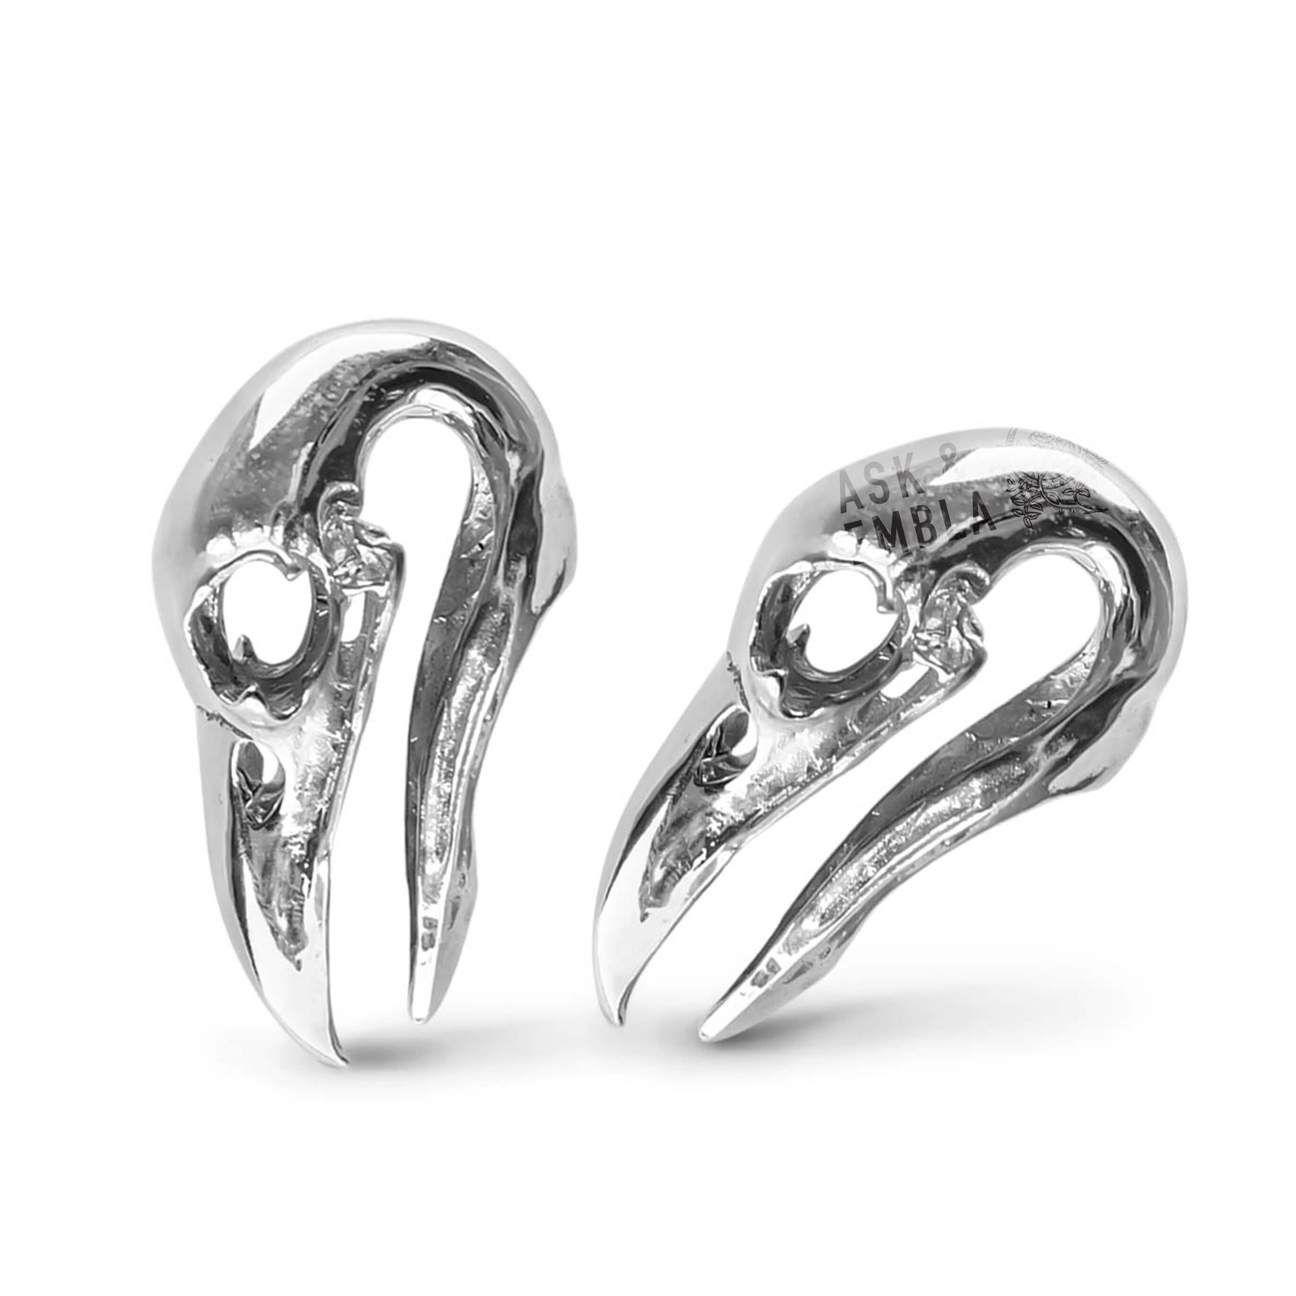 Daxon raven skull hangers in white brass pair white